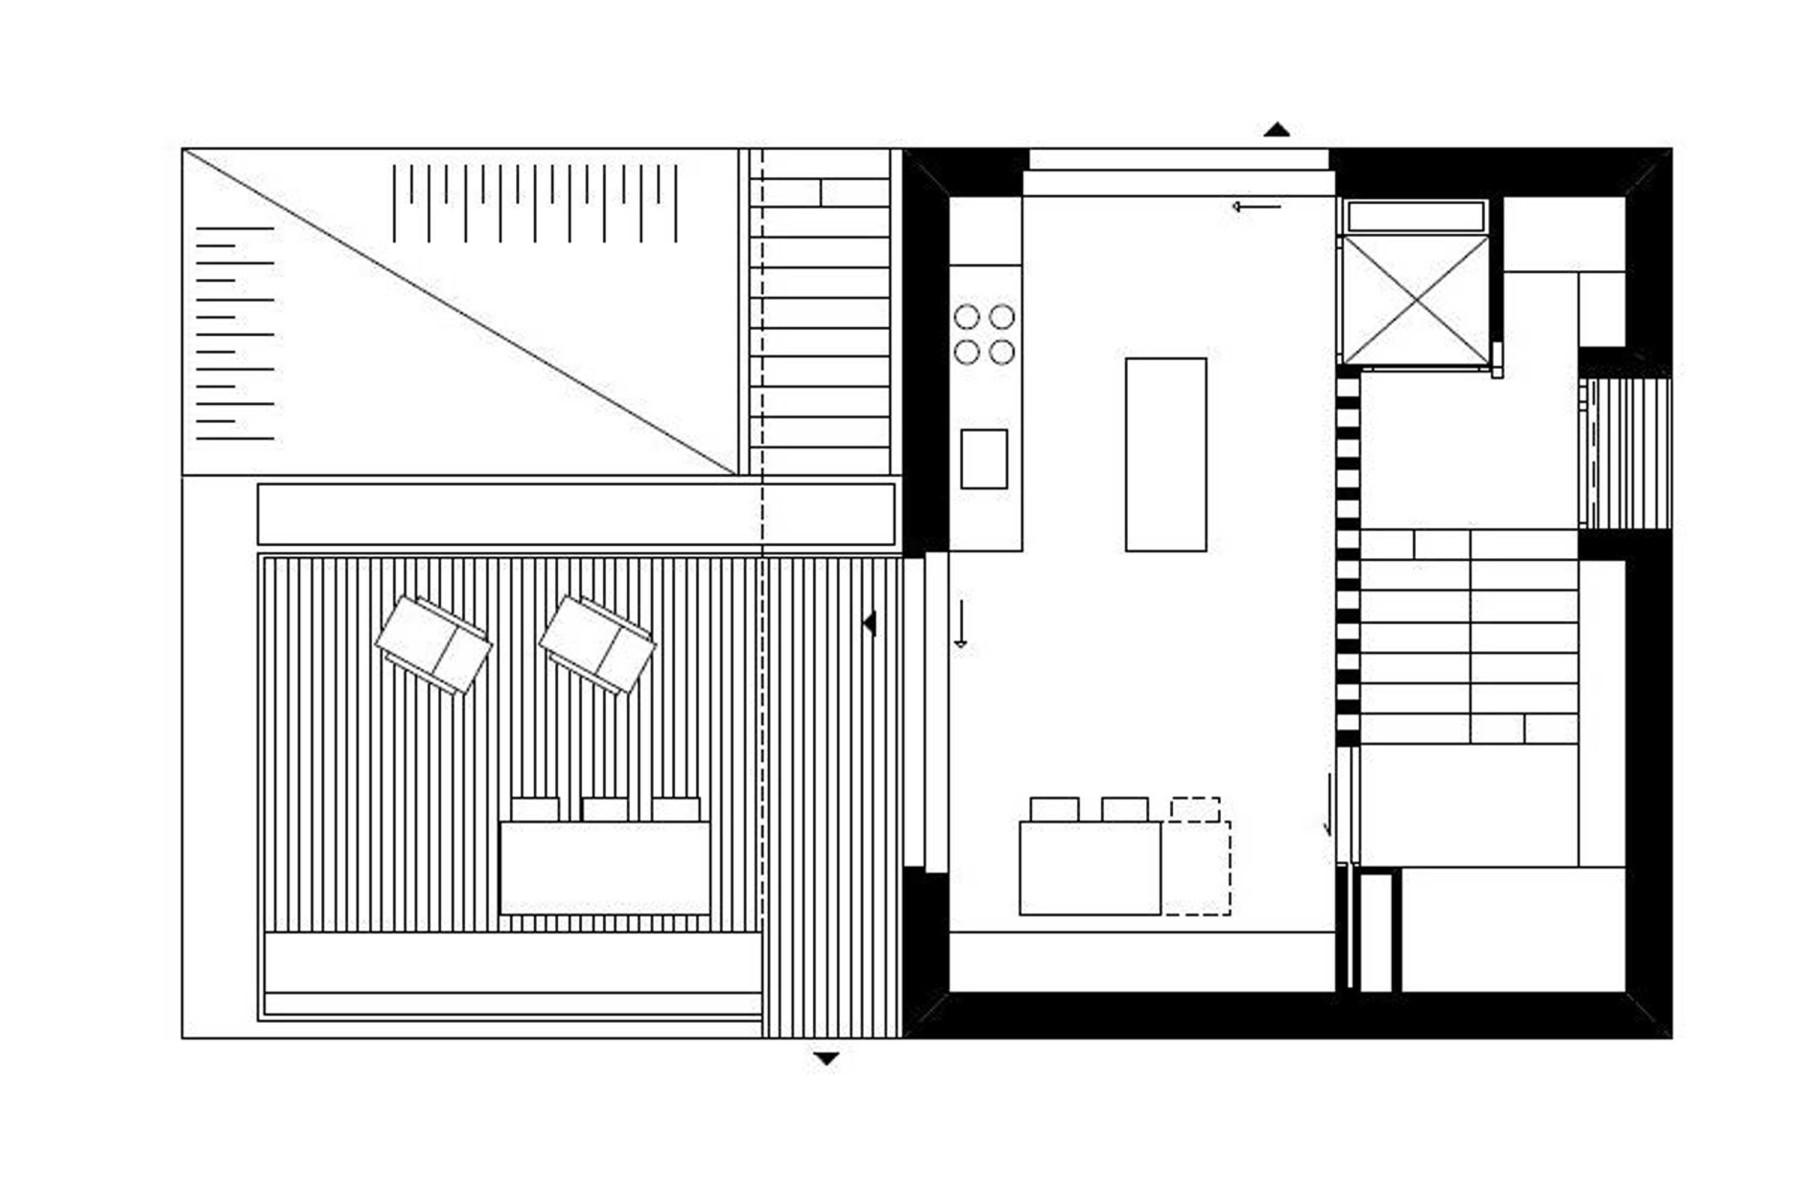 Grundrissatlas einfamilienhaus architekturbuch for Einfamilienhaus l form grundriss